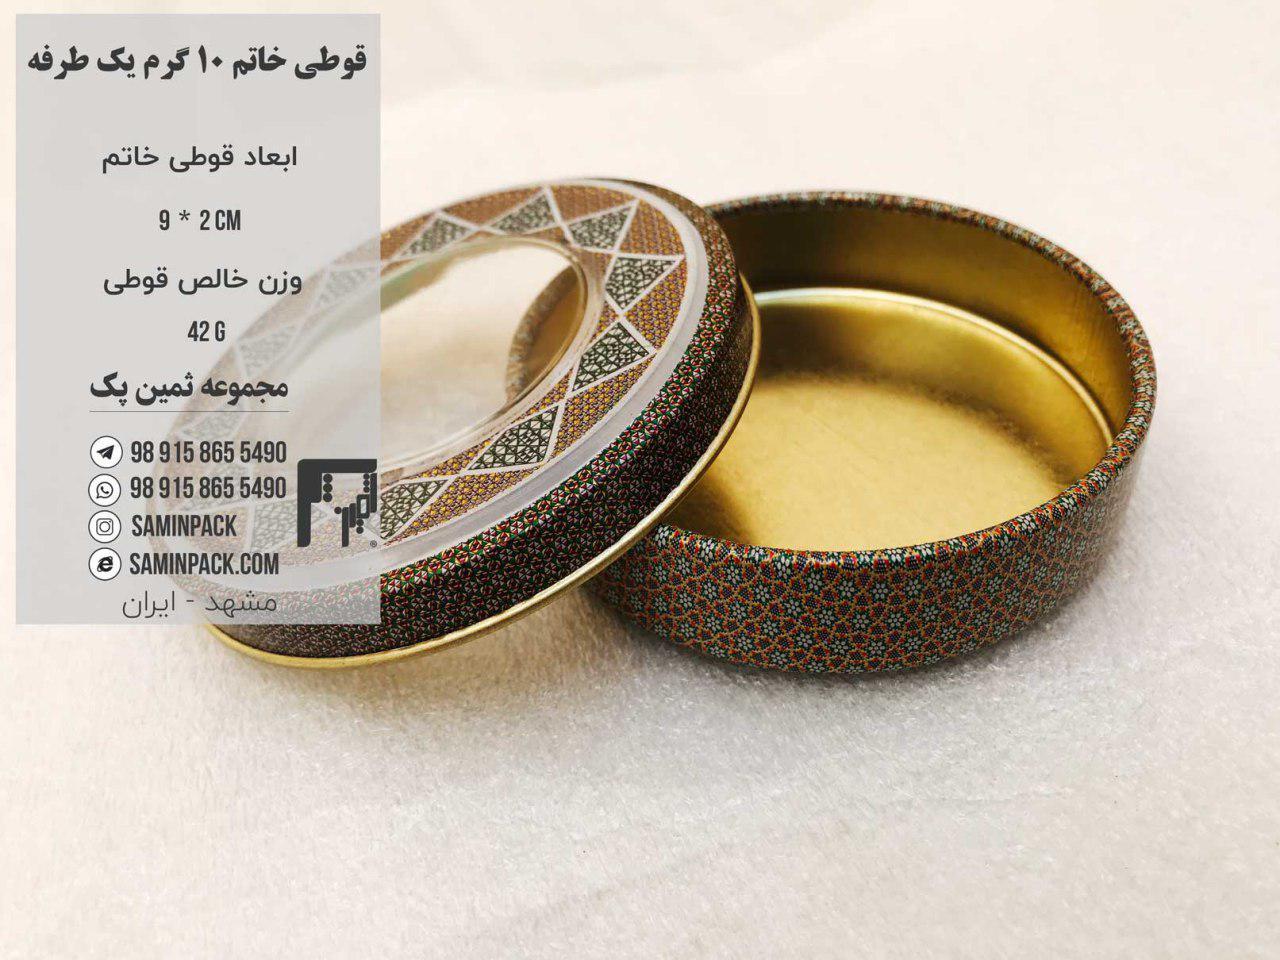 لیست قیمت ظروف بسته بندی زعفران